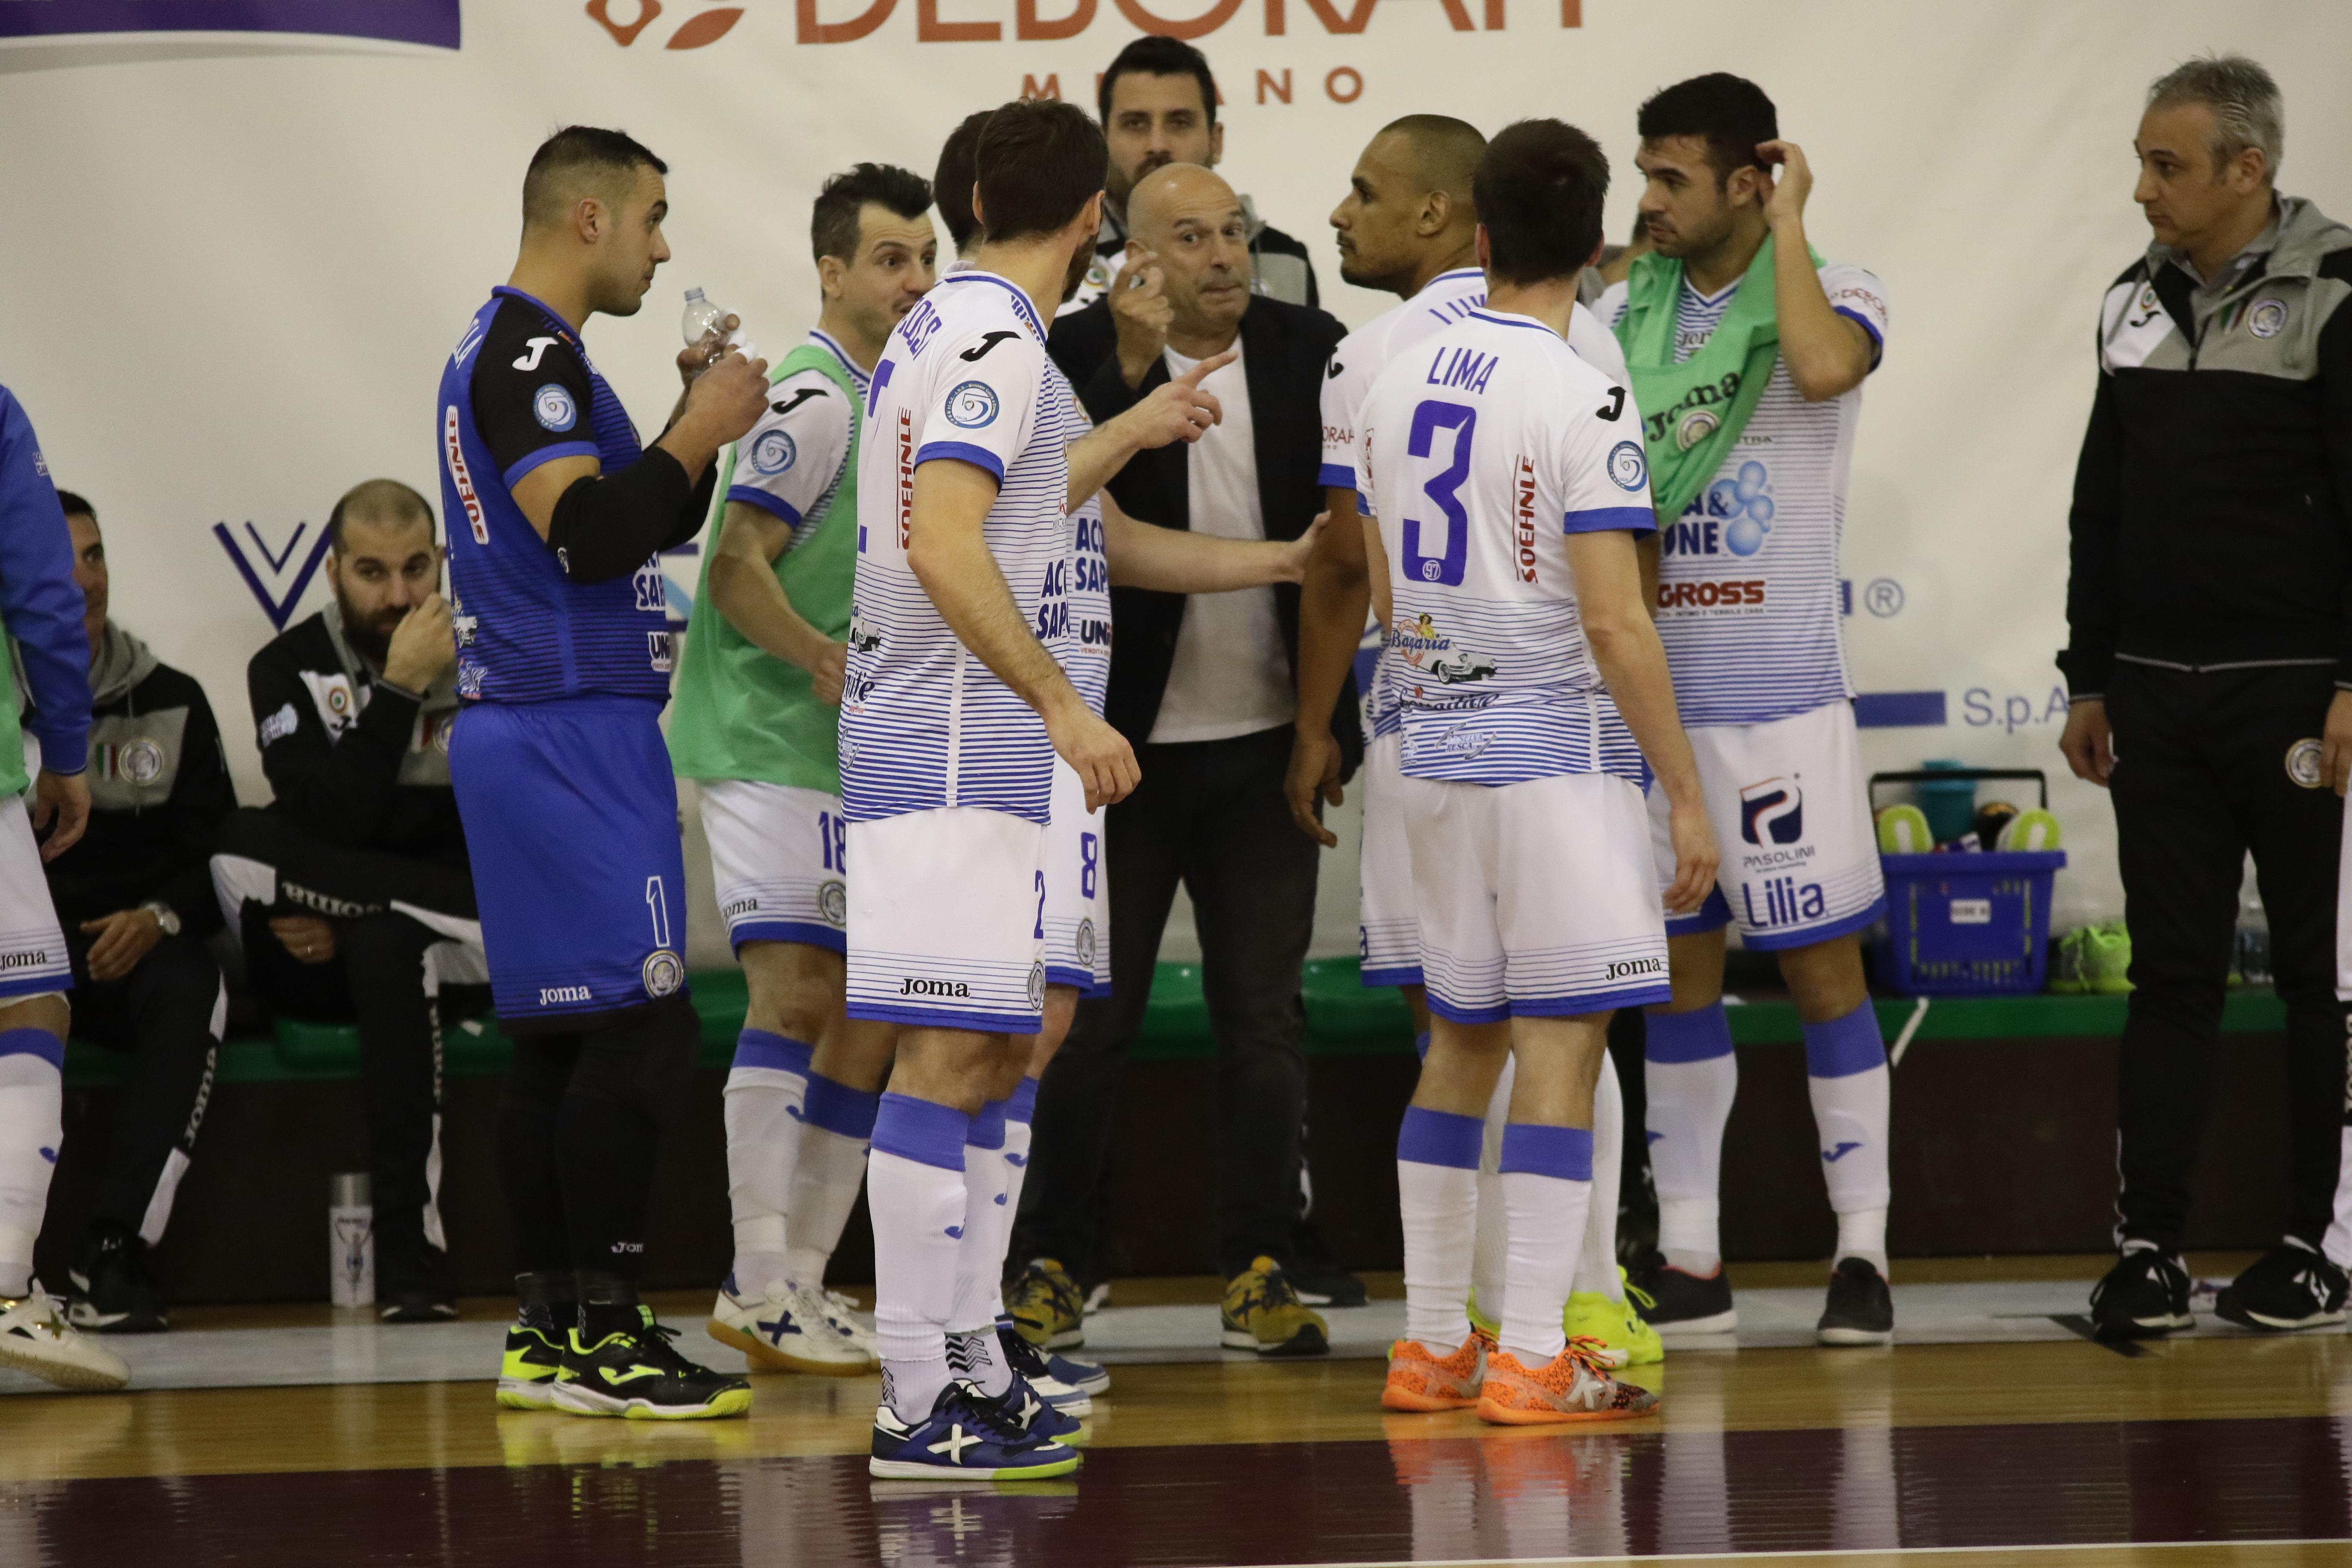 Calcio a 5.Acqua&Sapone Unigross:  trasferta a Eboli senza Cuzzolino e Jonas